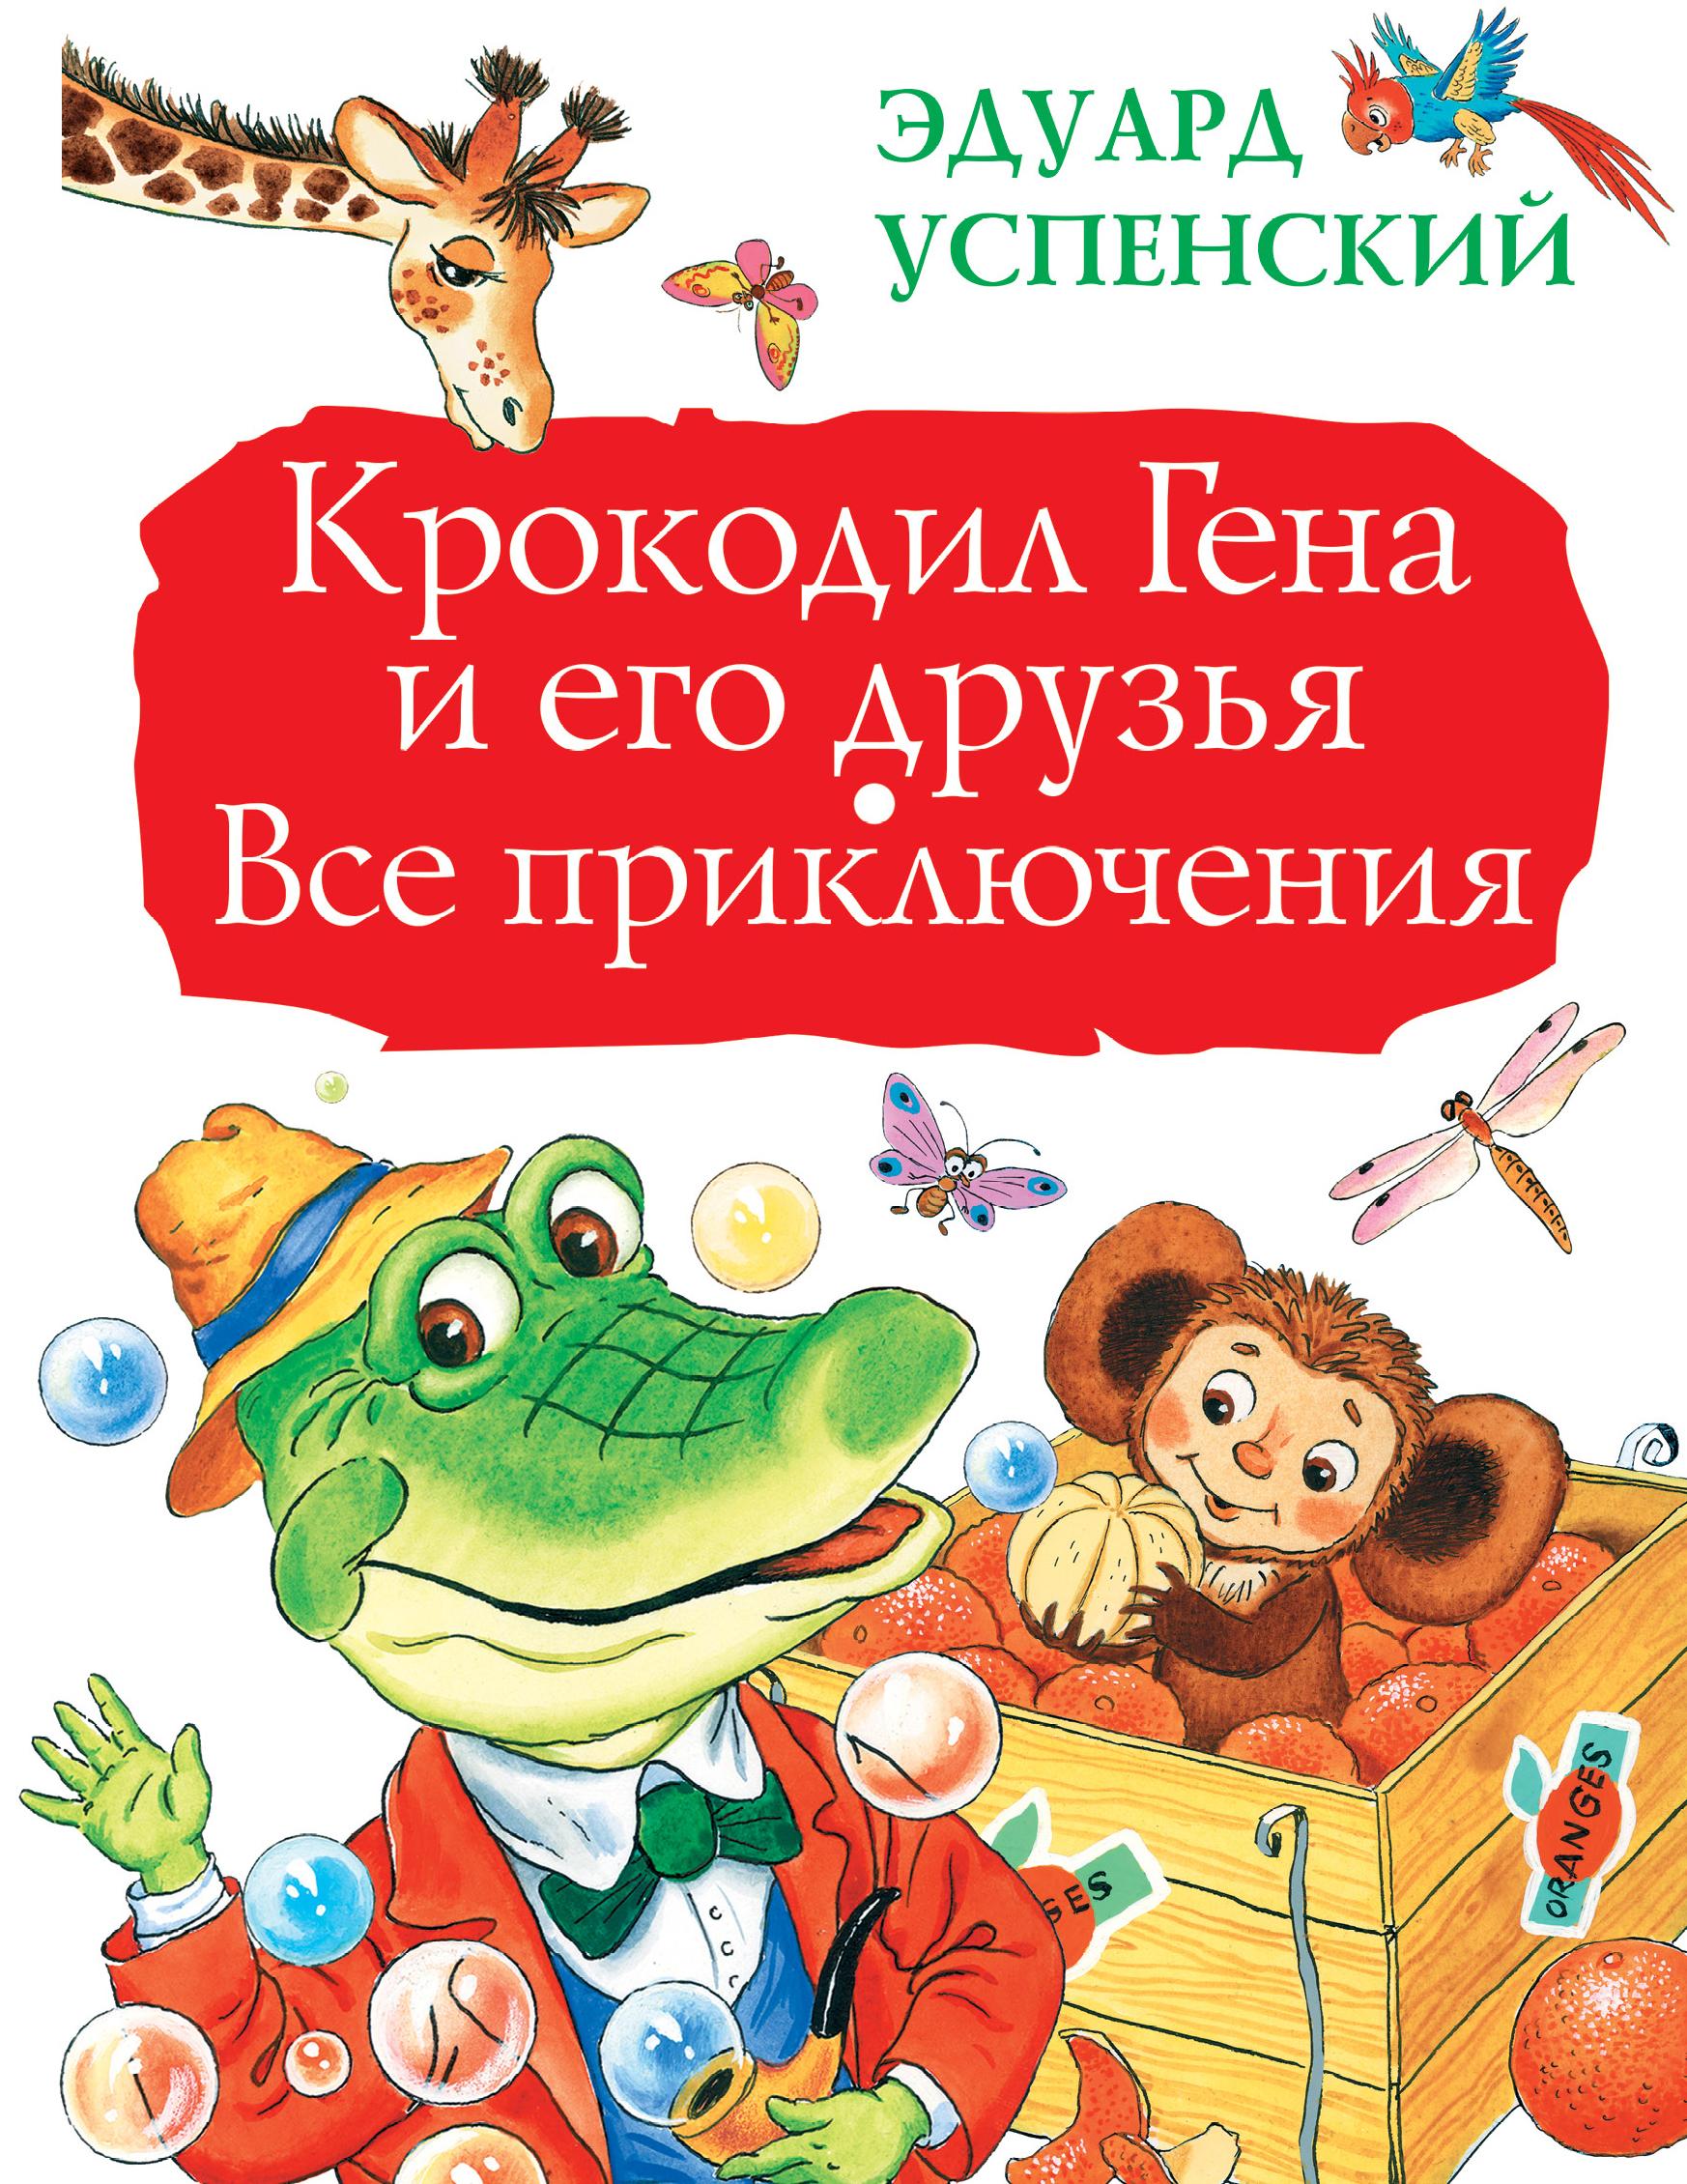 Аудиосказка онлайн крокодил гена и его друзья, читает кликачева антонина, шишигина. Другие книги автора «э. Успенский» посмотреть все.